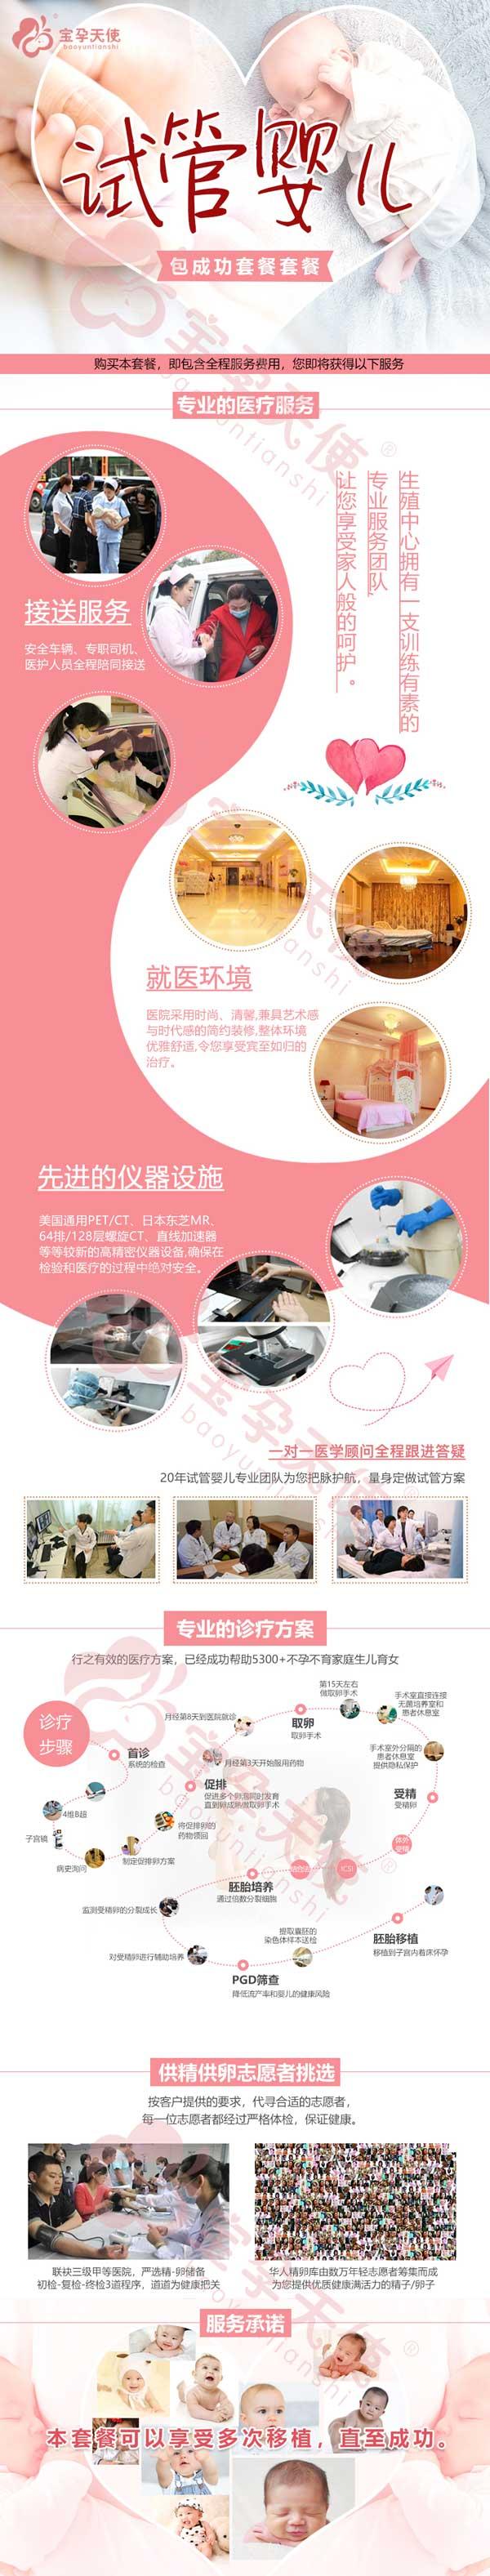 广州试管助孕_亚克力试管相关-广州宝孕健康咨询有限公司